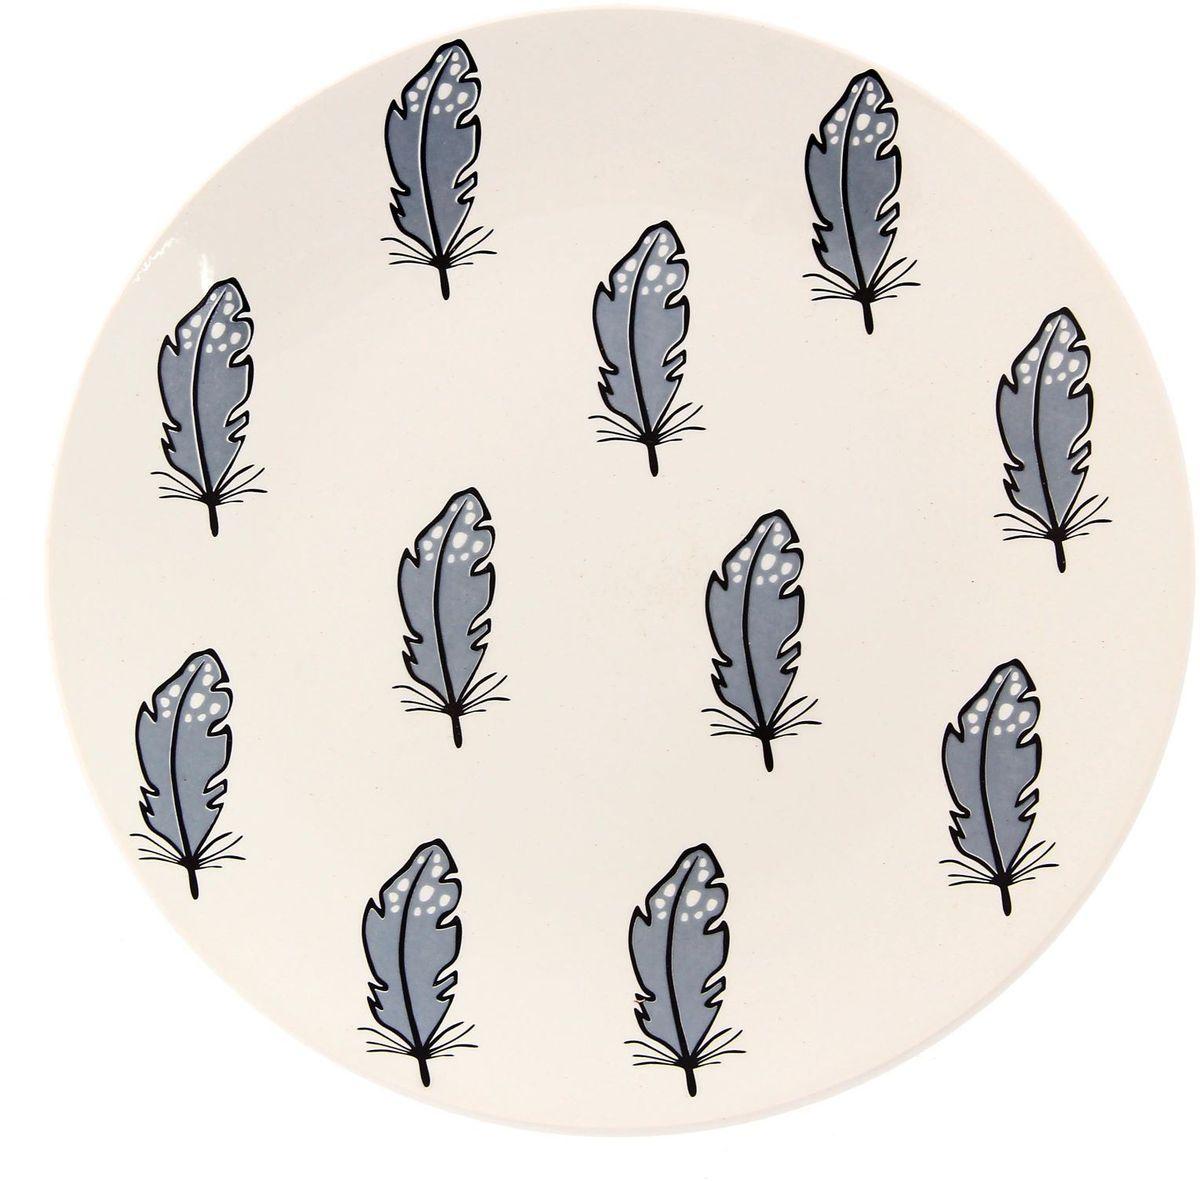 Тарелка Сотвори чудо Перо, диаметр 22 смVT-1520(SR)Хотите обновить интерьер кухни или гостиной? Устраиваете необычную фотосессию или тематический праздник? А может, просто ищете подарок для близкого человека? Посуда Сотвори Чудо — правильный выбор в любой ситуации. Тарелка Сотвори Чудо, изготовленная из изящного фаянса нежного сливочного цвета, оформлена оригинальным рисунком со стойкой краской. Пригодна для посудомоечной машины.